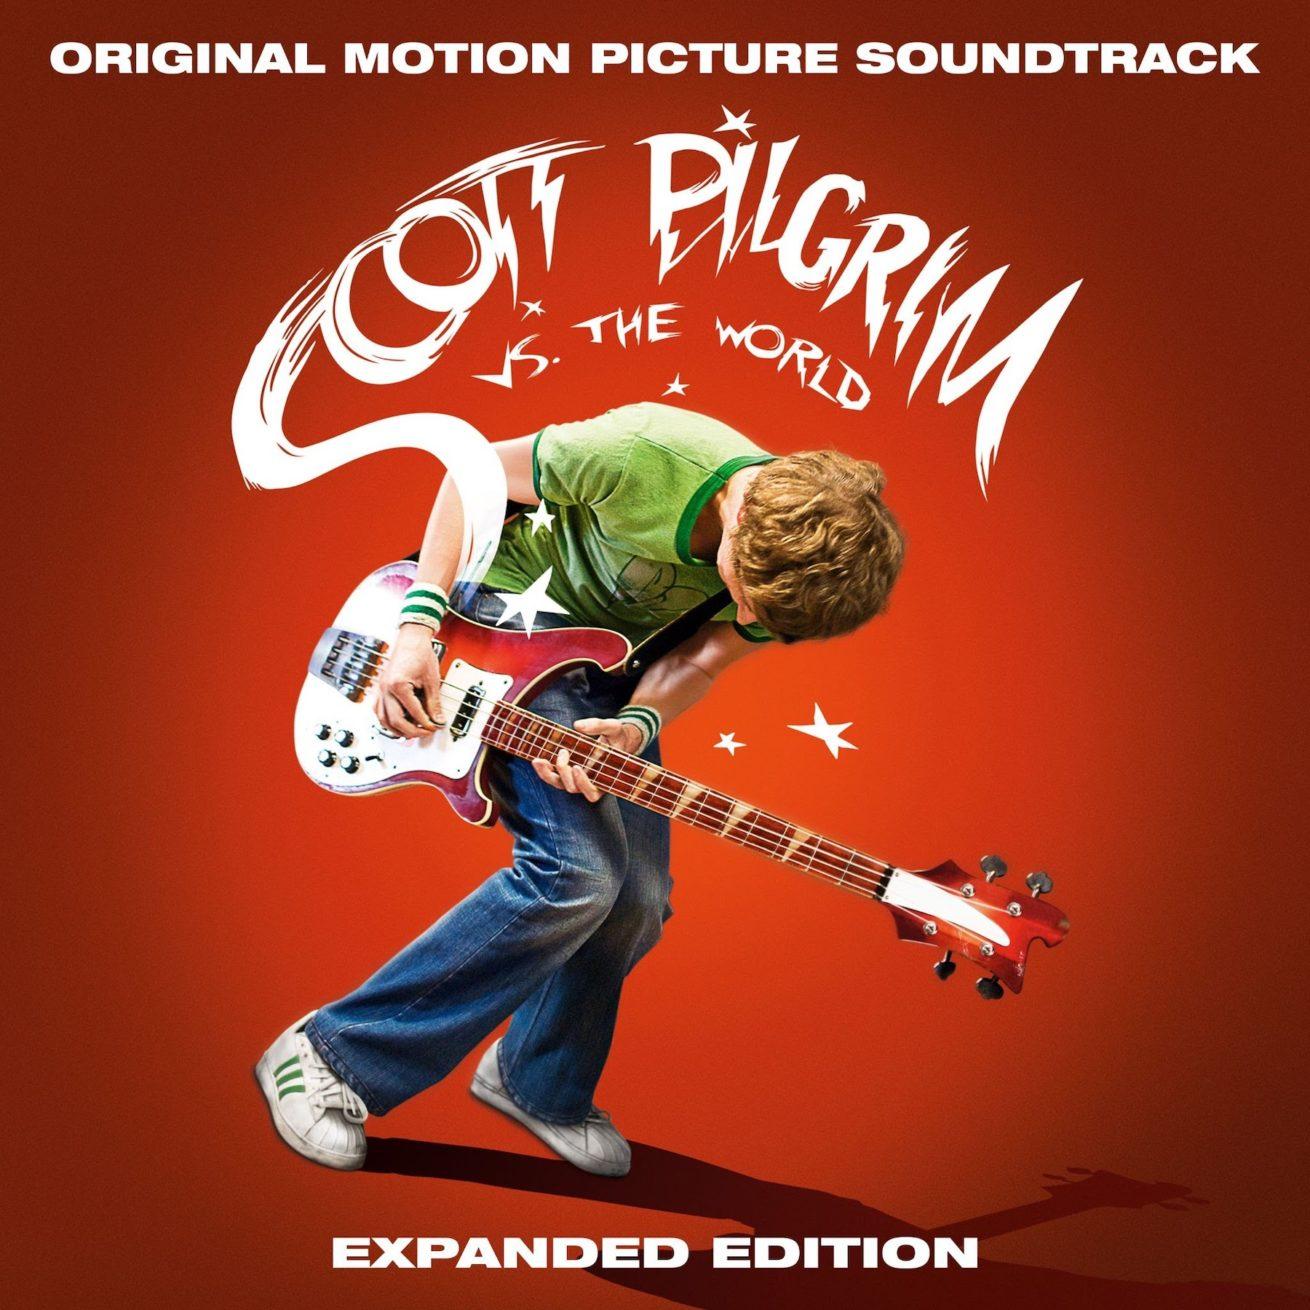 brie larson'ın scott pilgrim filminde seslendirdiği şarkı spotify'a geliyor